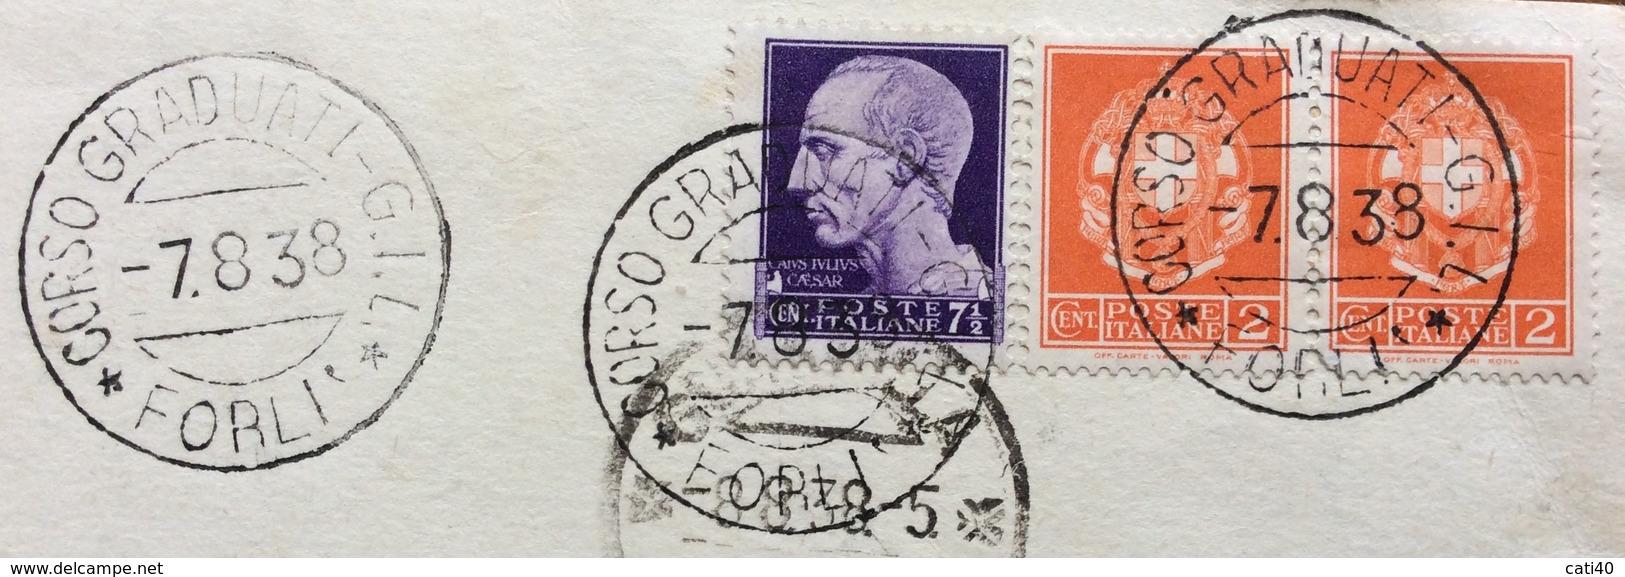 FASCISMO FORLI' CORSO GRADUATI G.I.L. 7/8/38  Annullo SU 7,5+ Coppia 2 C.  SU CARTOLINA TARIFFA RIDOTTA PER GUASTALLA - Documentos Históricos